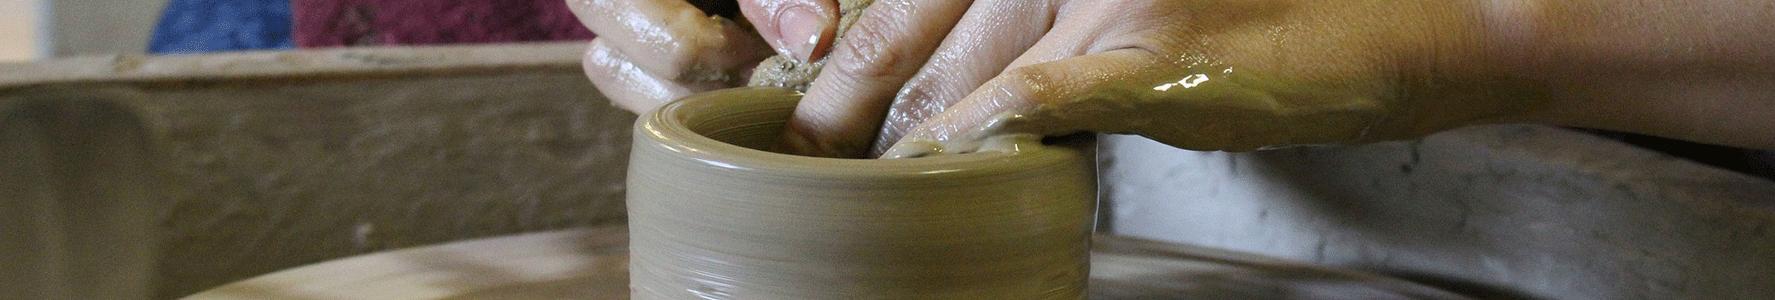 mani di donna al torno ceramica e argilla